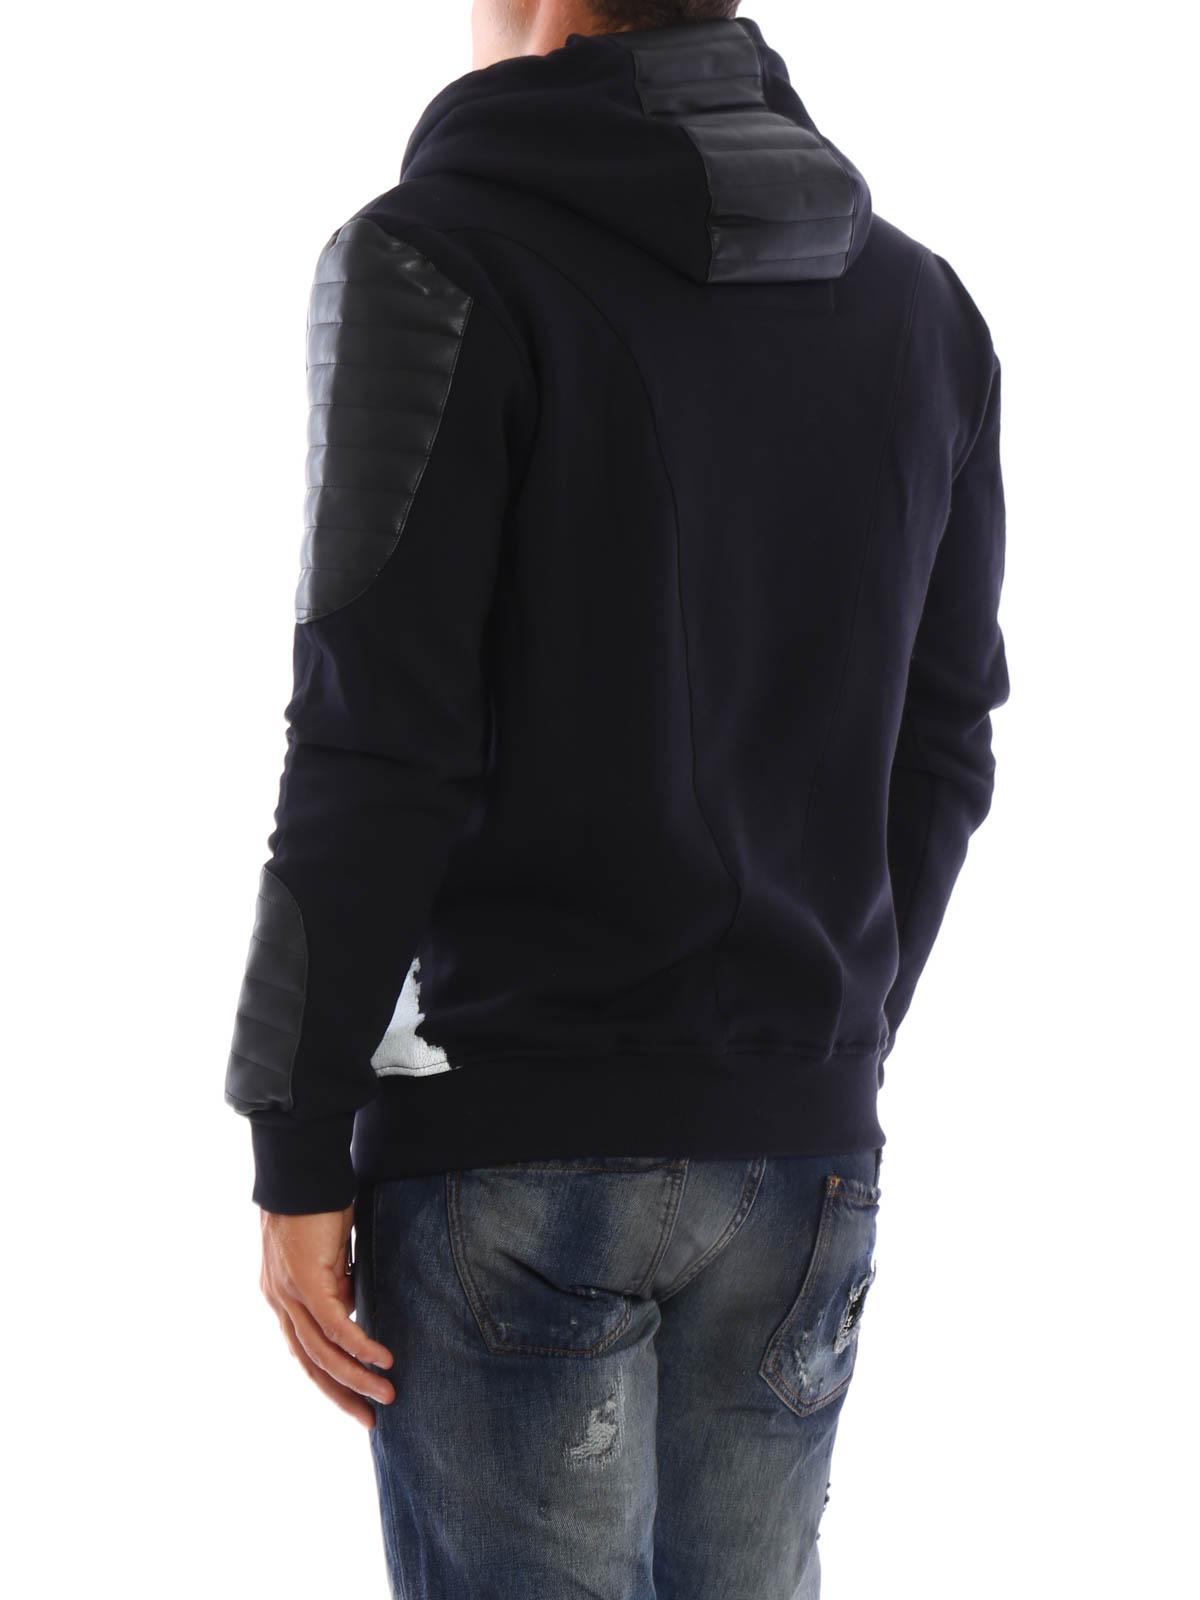 sweatshirt und pullover dundee von philipp plein. Black Bedroom Furniture Sets. Home Design Ideas